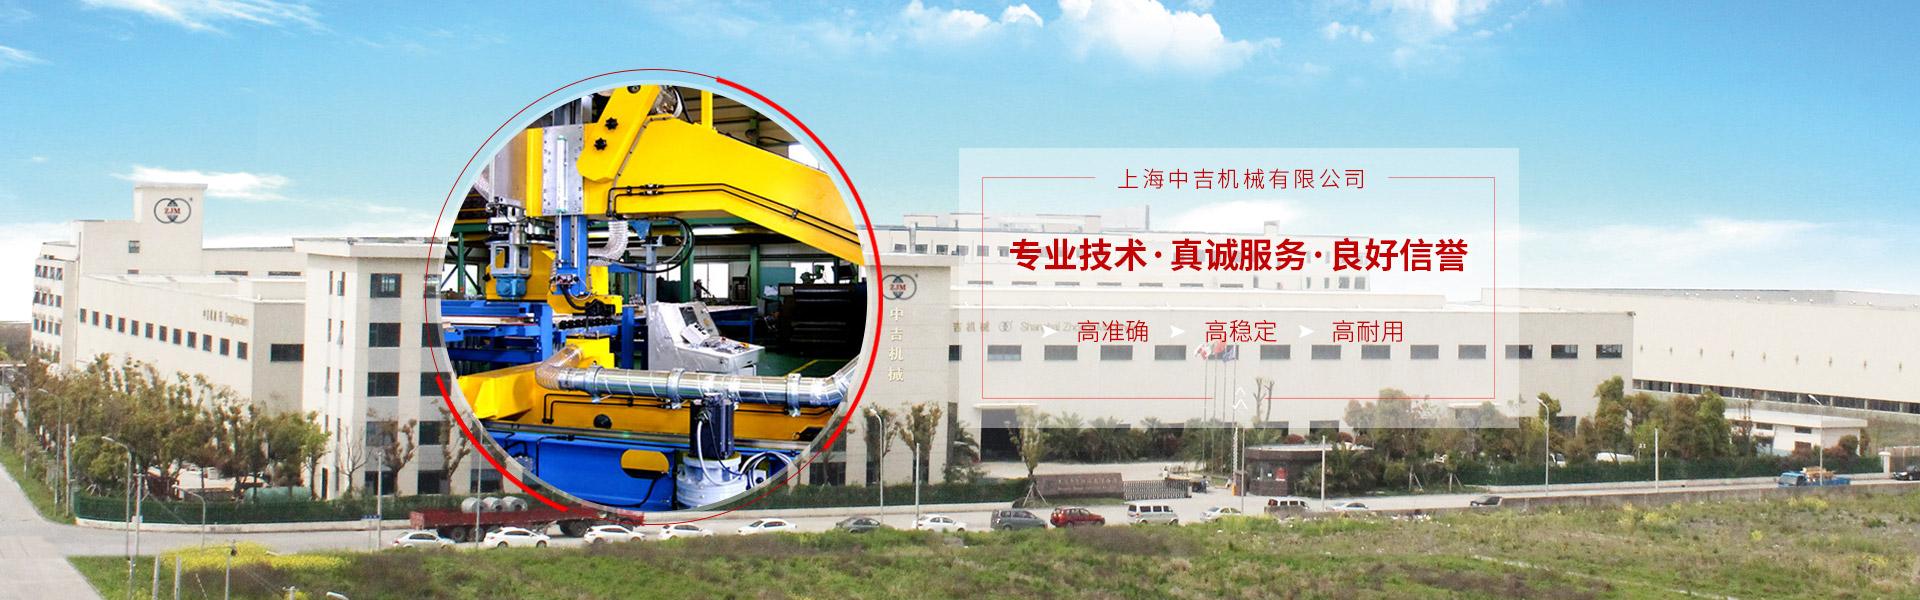 上海幸运28 机械有限公司